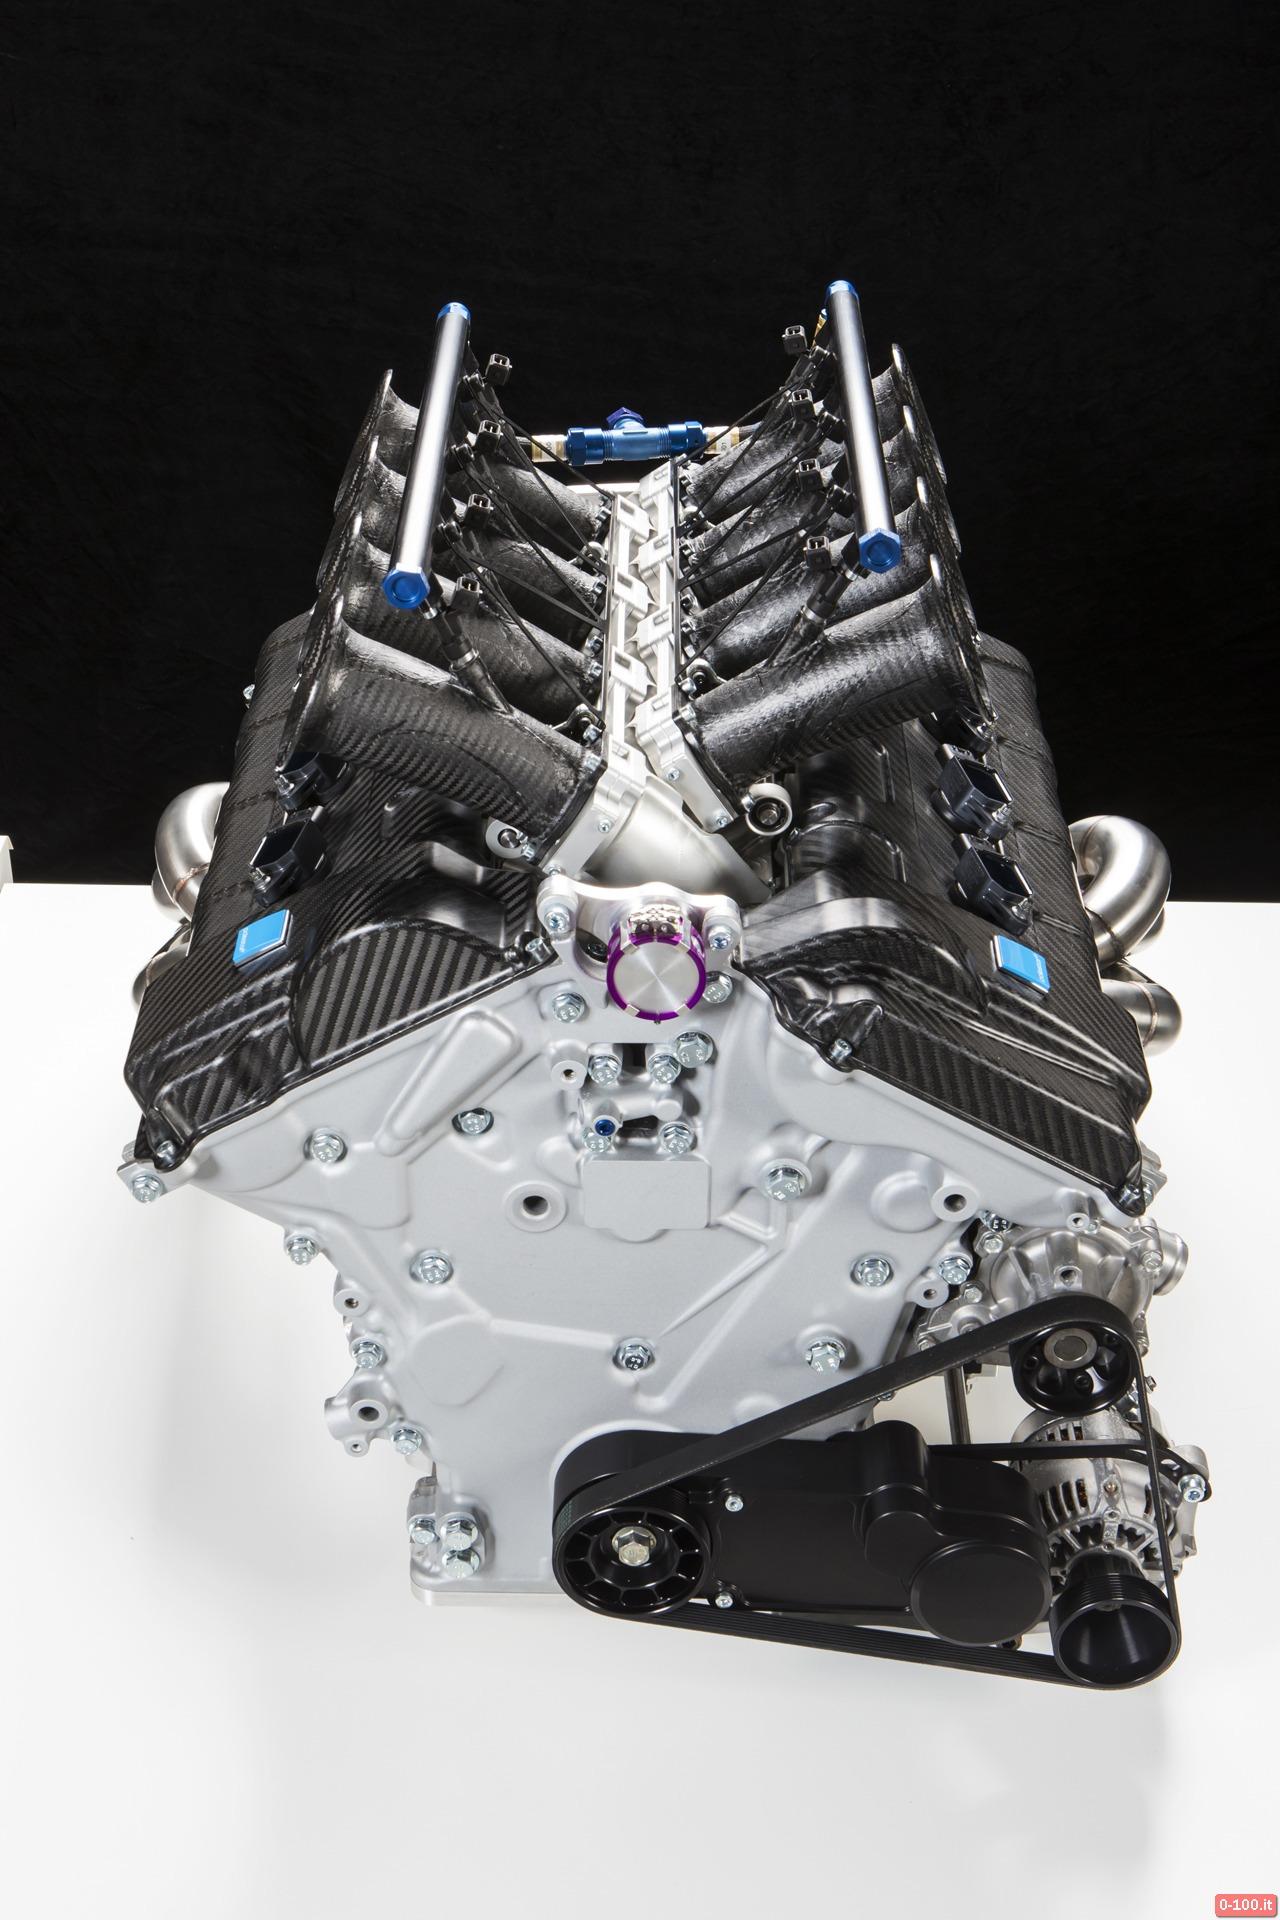 volvo-polestar-8-cilindri-5-litri-v8-supercar-championship-australia-0-100_5